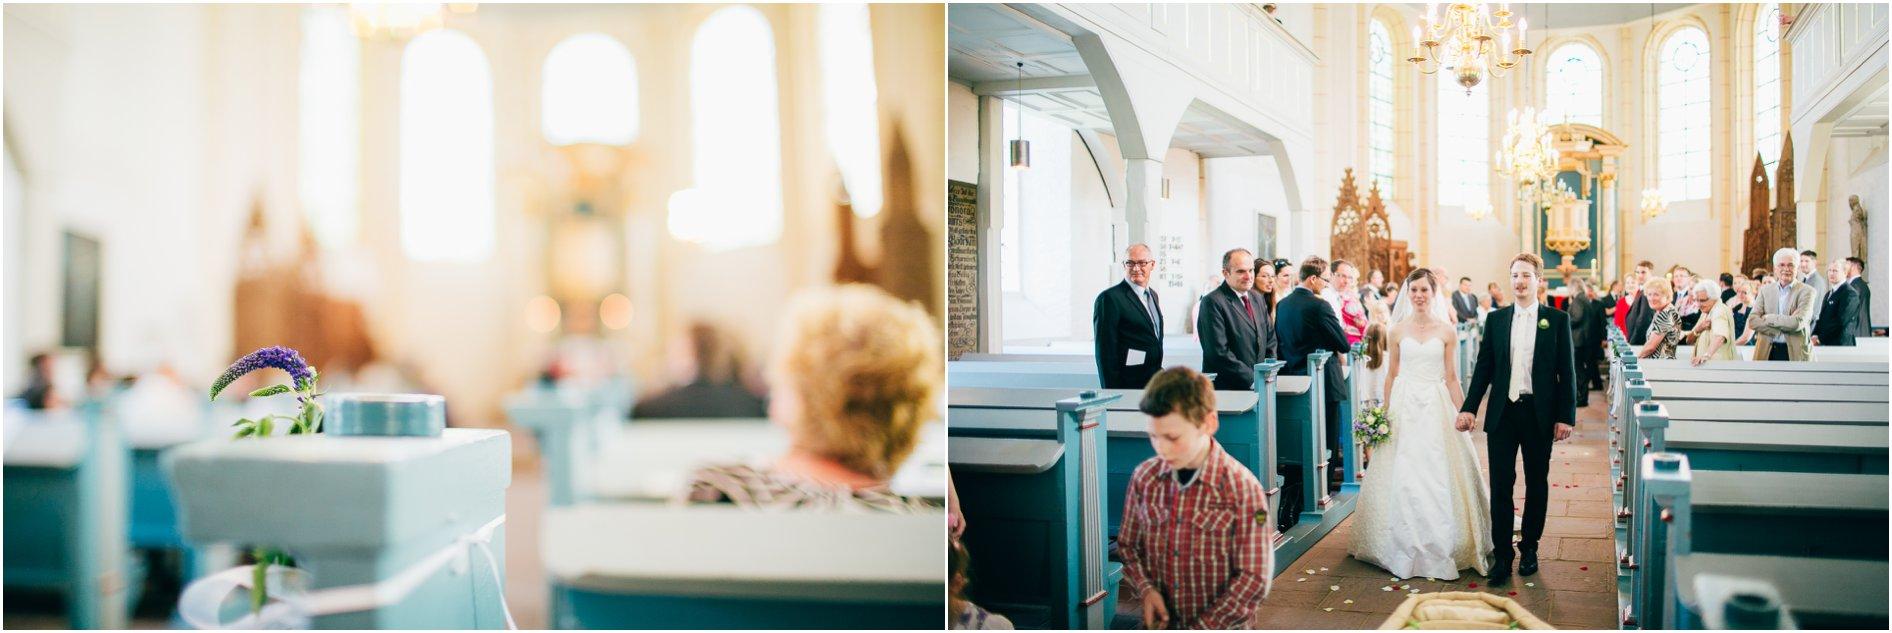 2014-08-07_0042 Wiebke und Marcio - Hochzeitsfotograf in Lüneburg